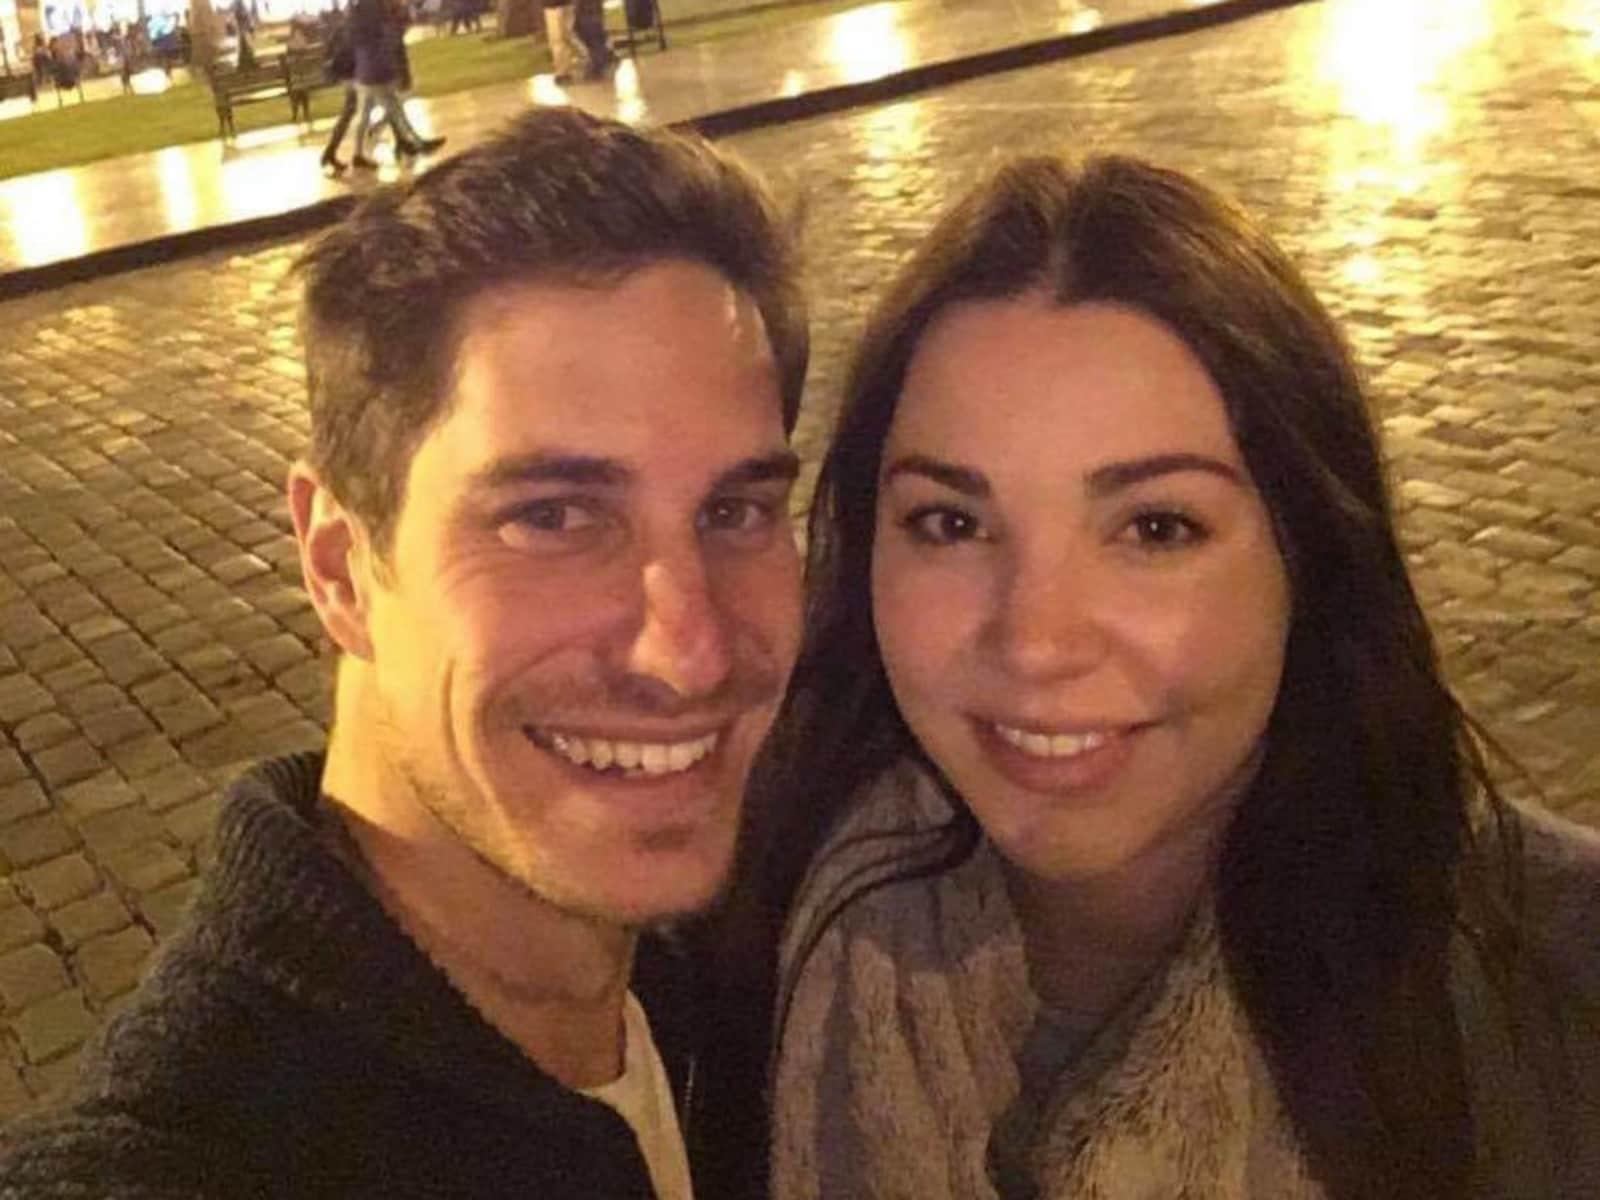 Maddison & Luke from London, United Kingdom